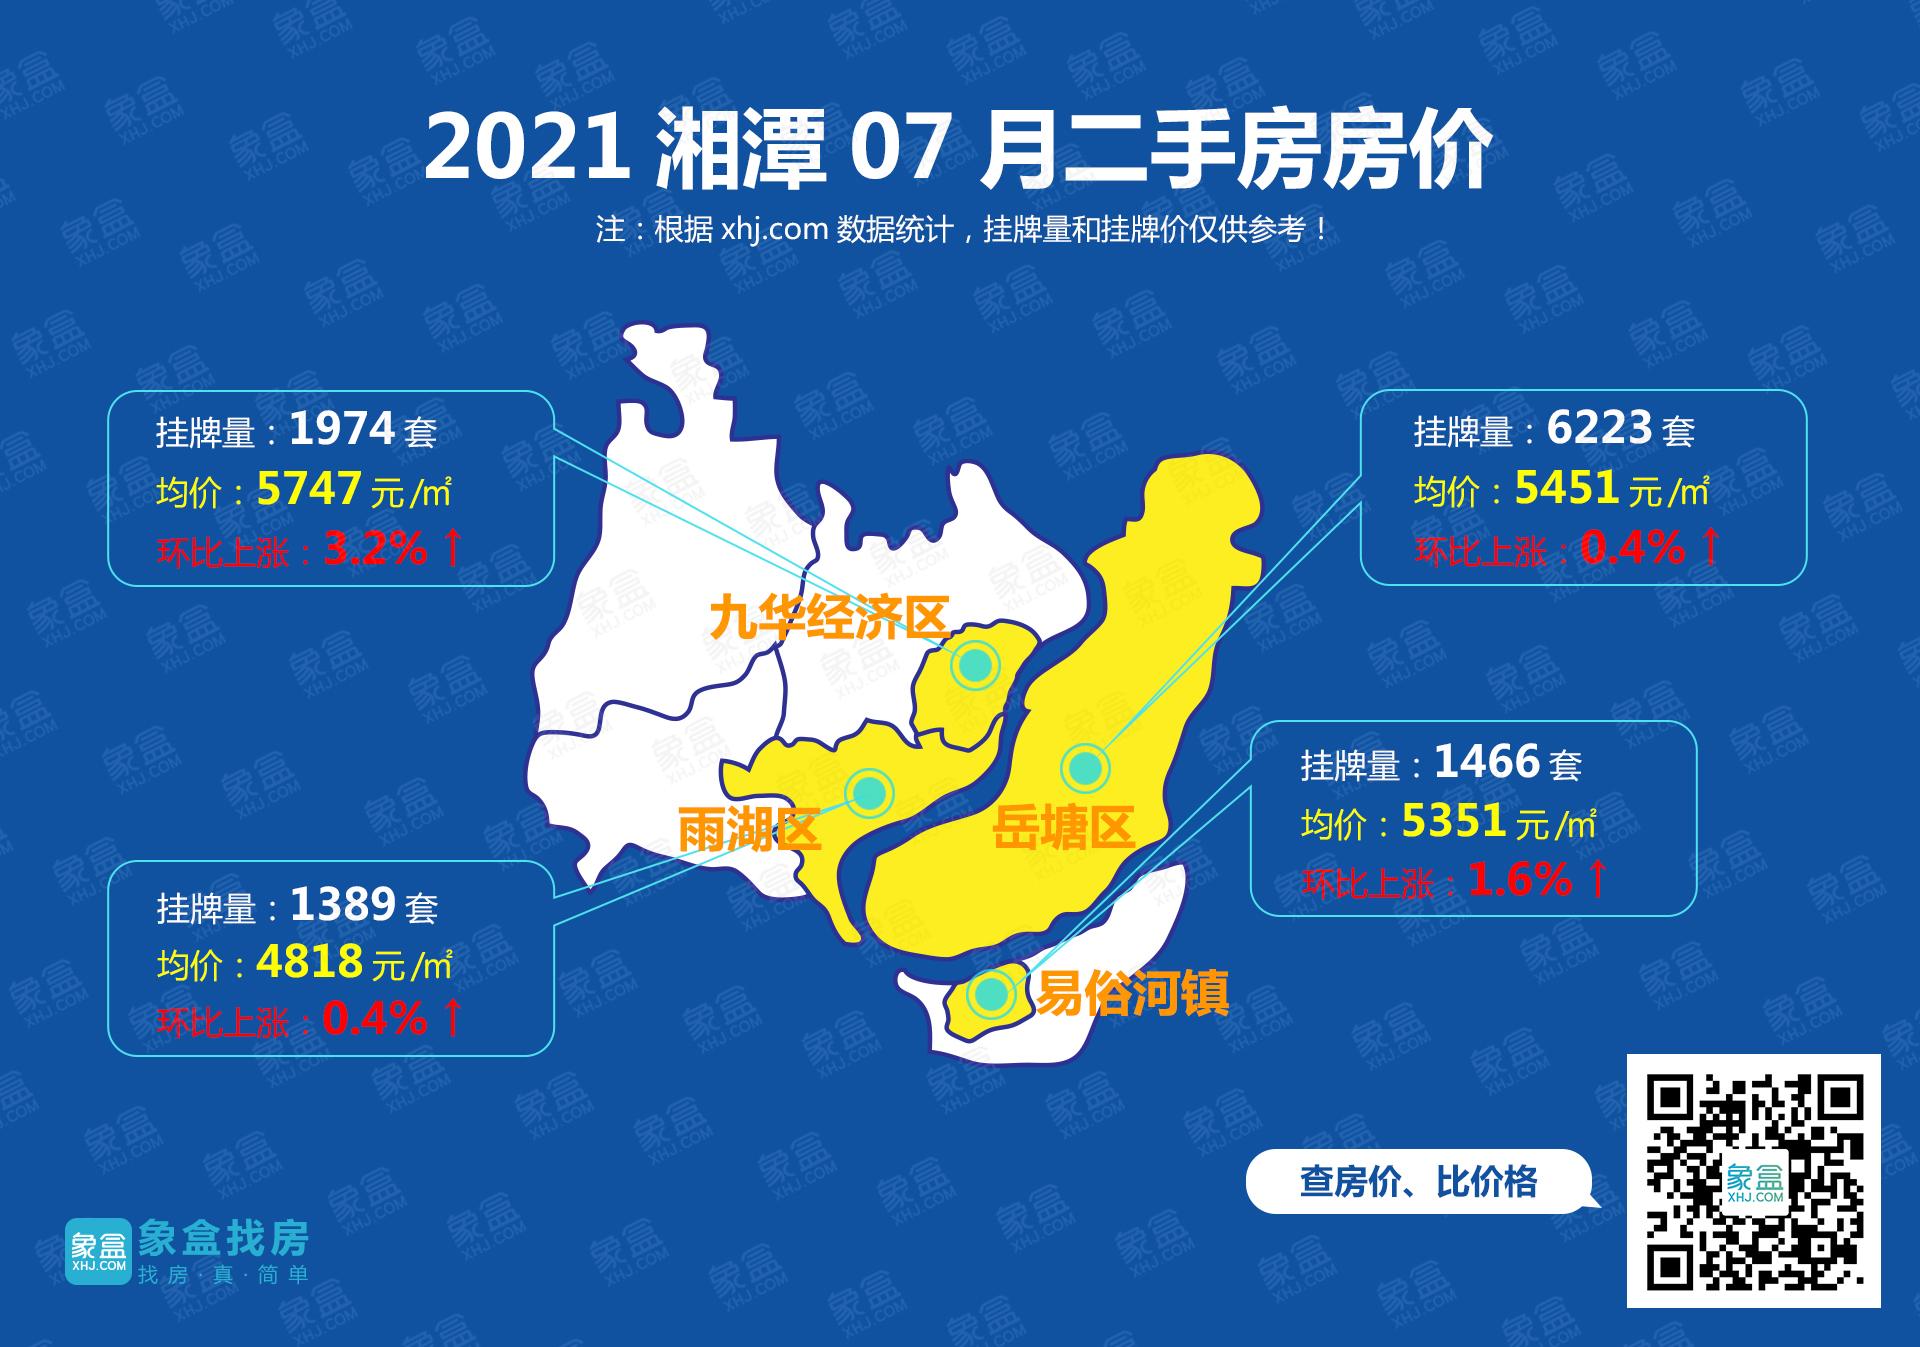 湘潭七月二手房价地图:九华带动其余三区进行了质的飞跃,一片向好